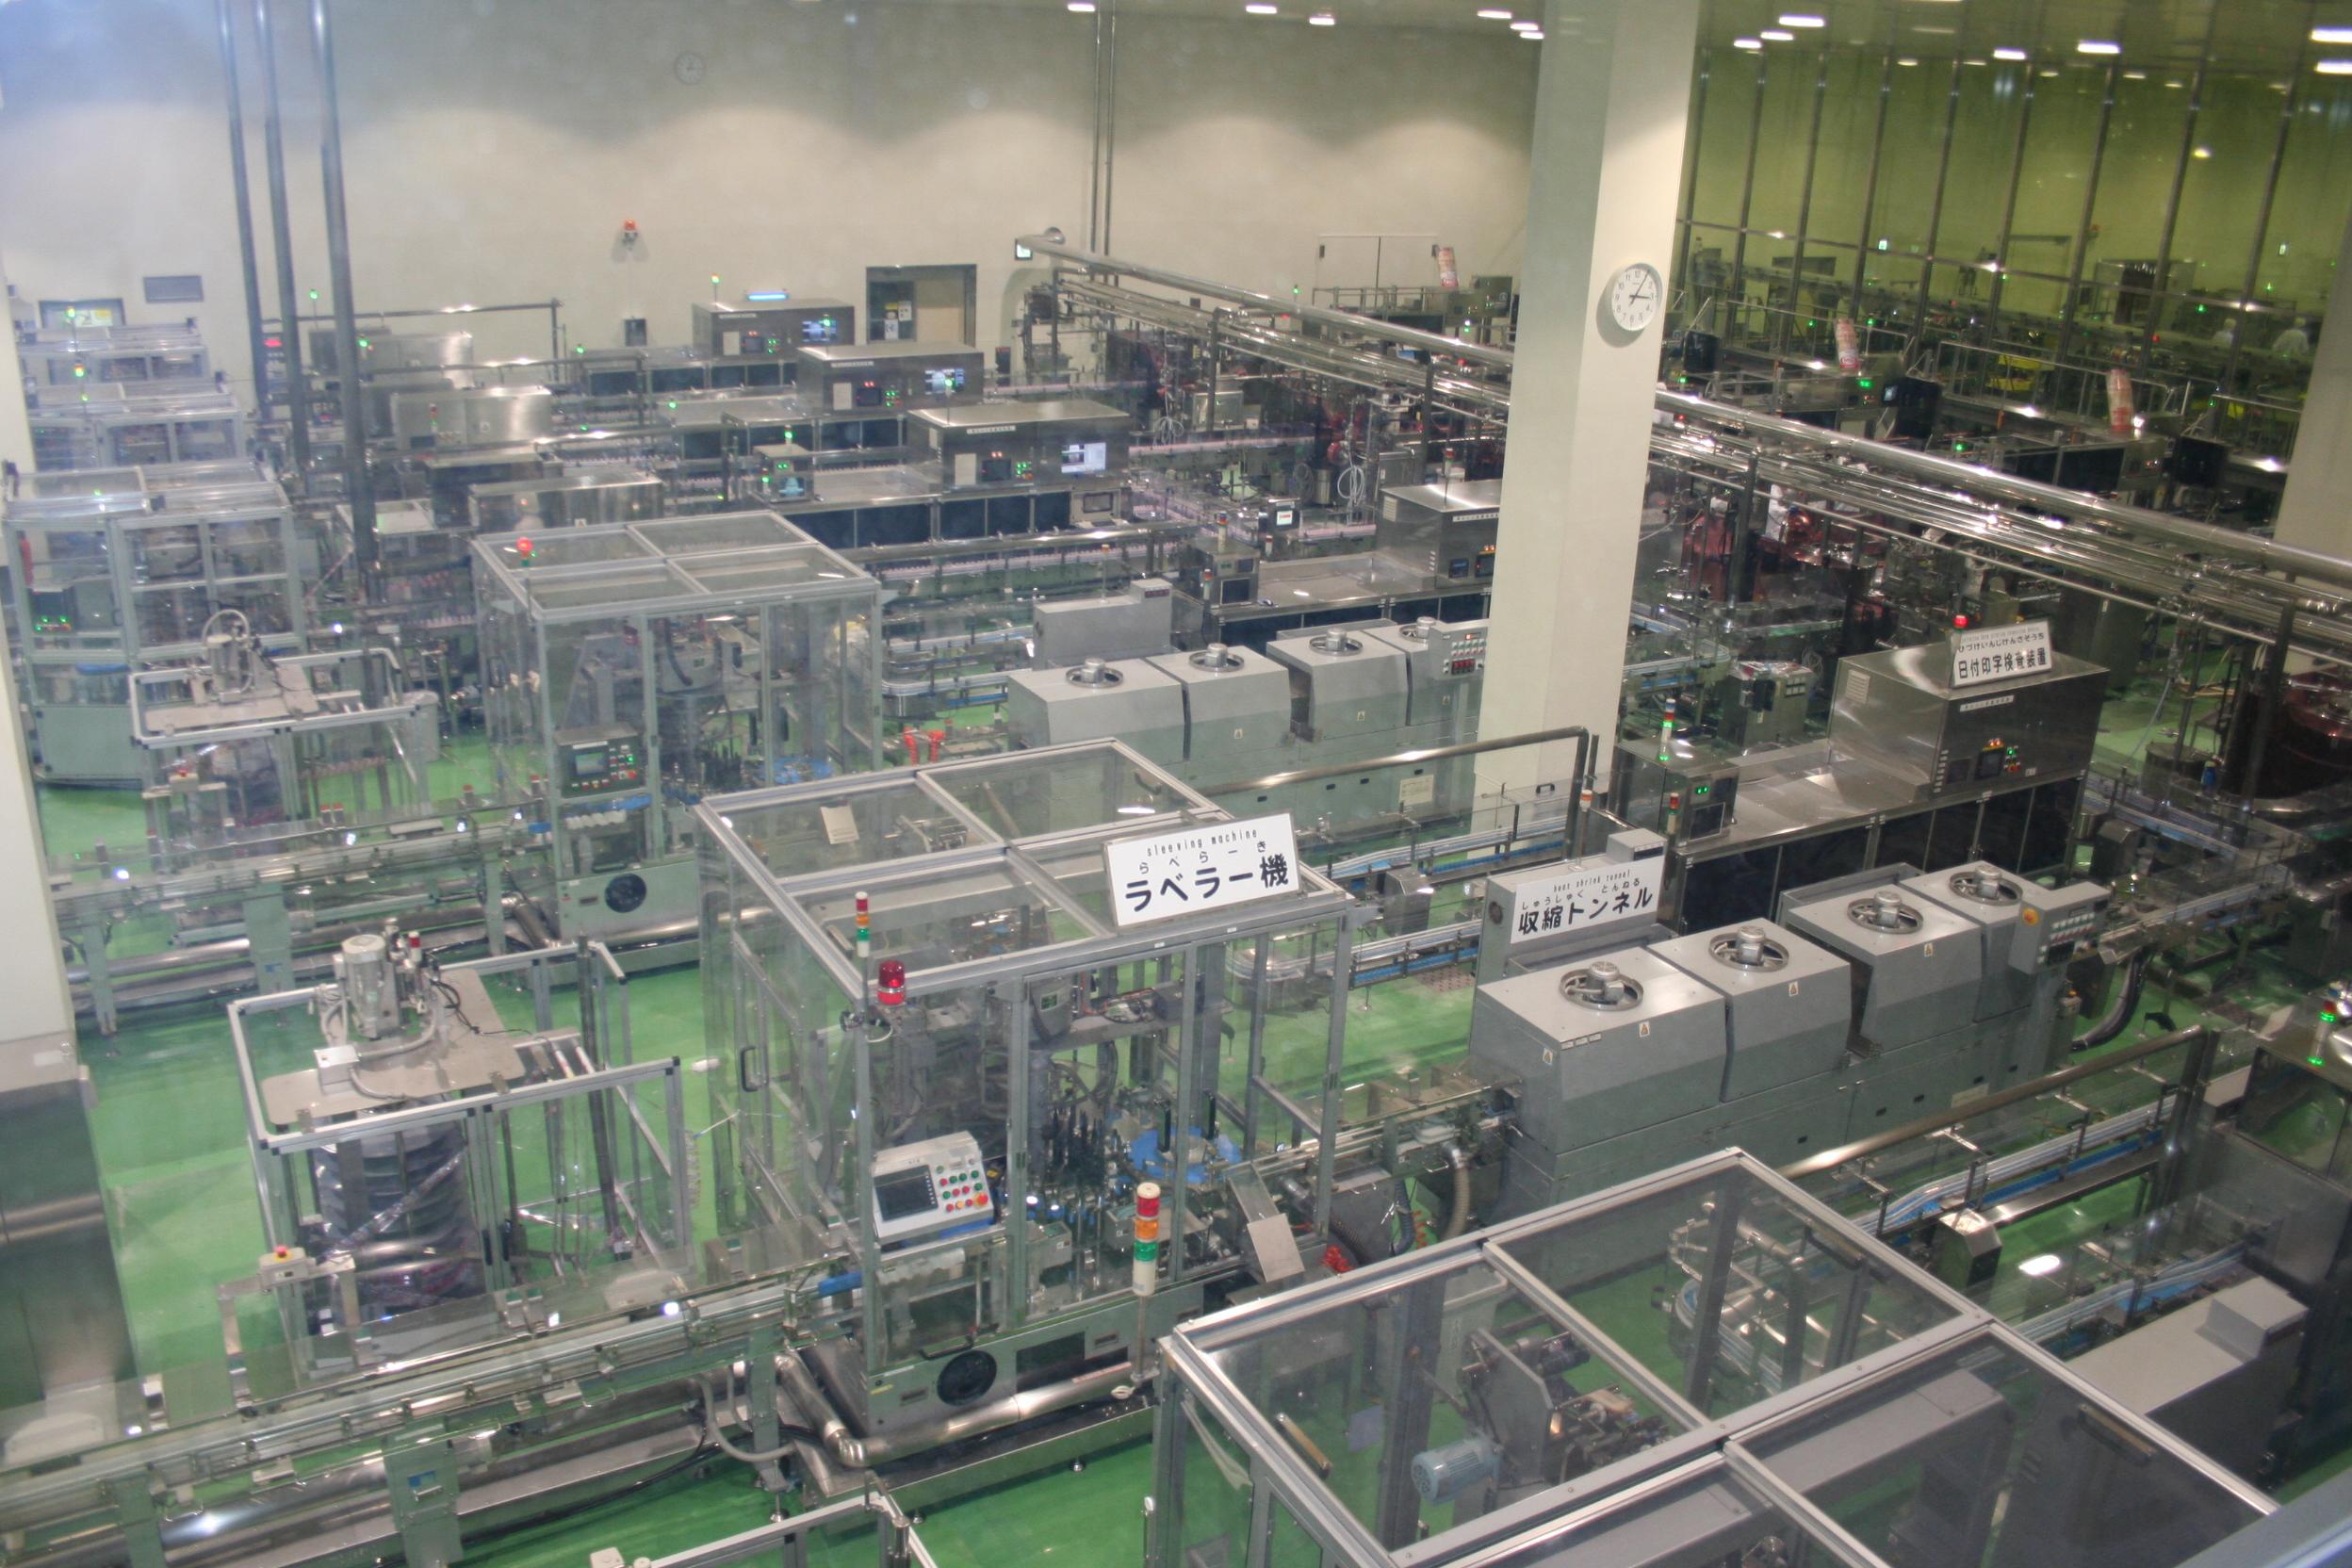 見て、知って楽しむ。ヤクルトの生産工程とは? 工場見学へ行ってみよう! - 5f3c45175f19c01b86eb990428dd30f7